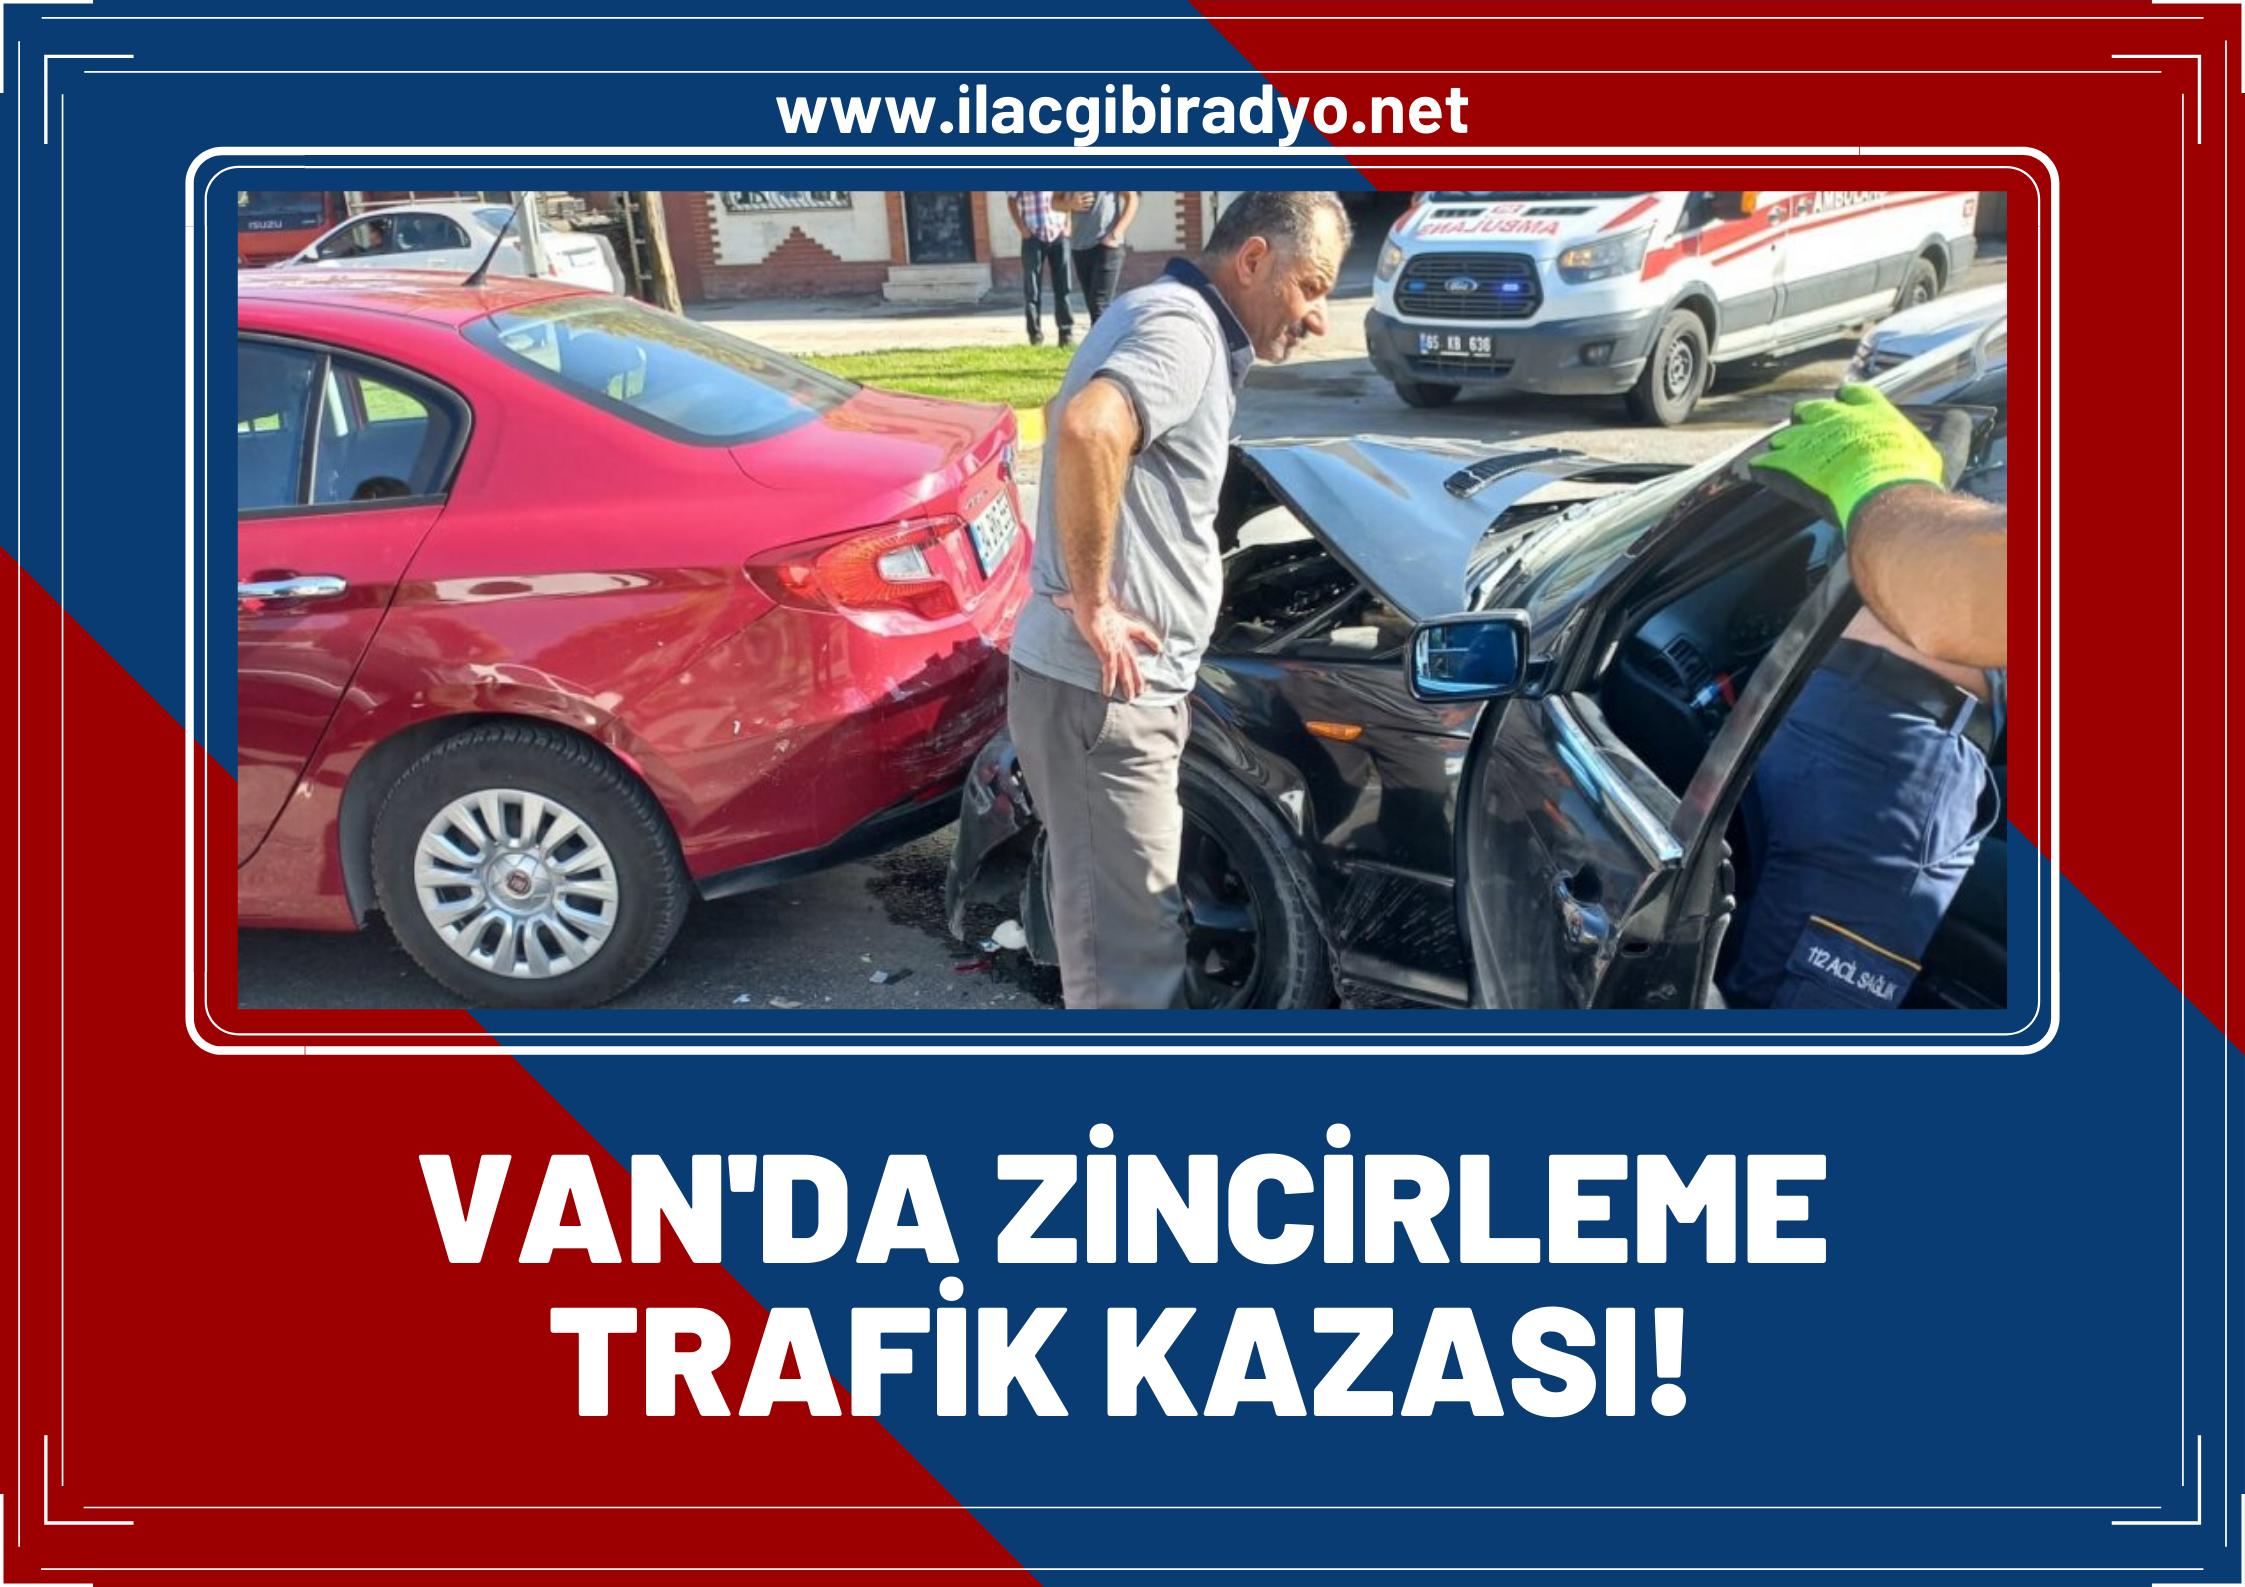 Van'da zincirleme trafik kazası! 4 araç birbirine girdi:1 yaralı